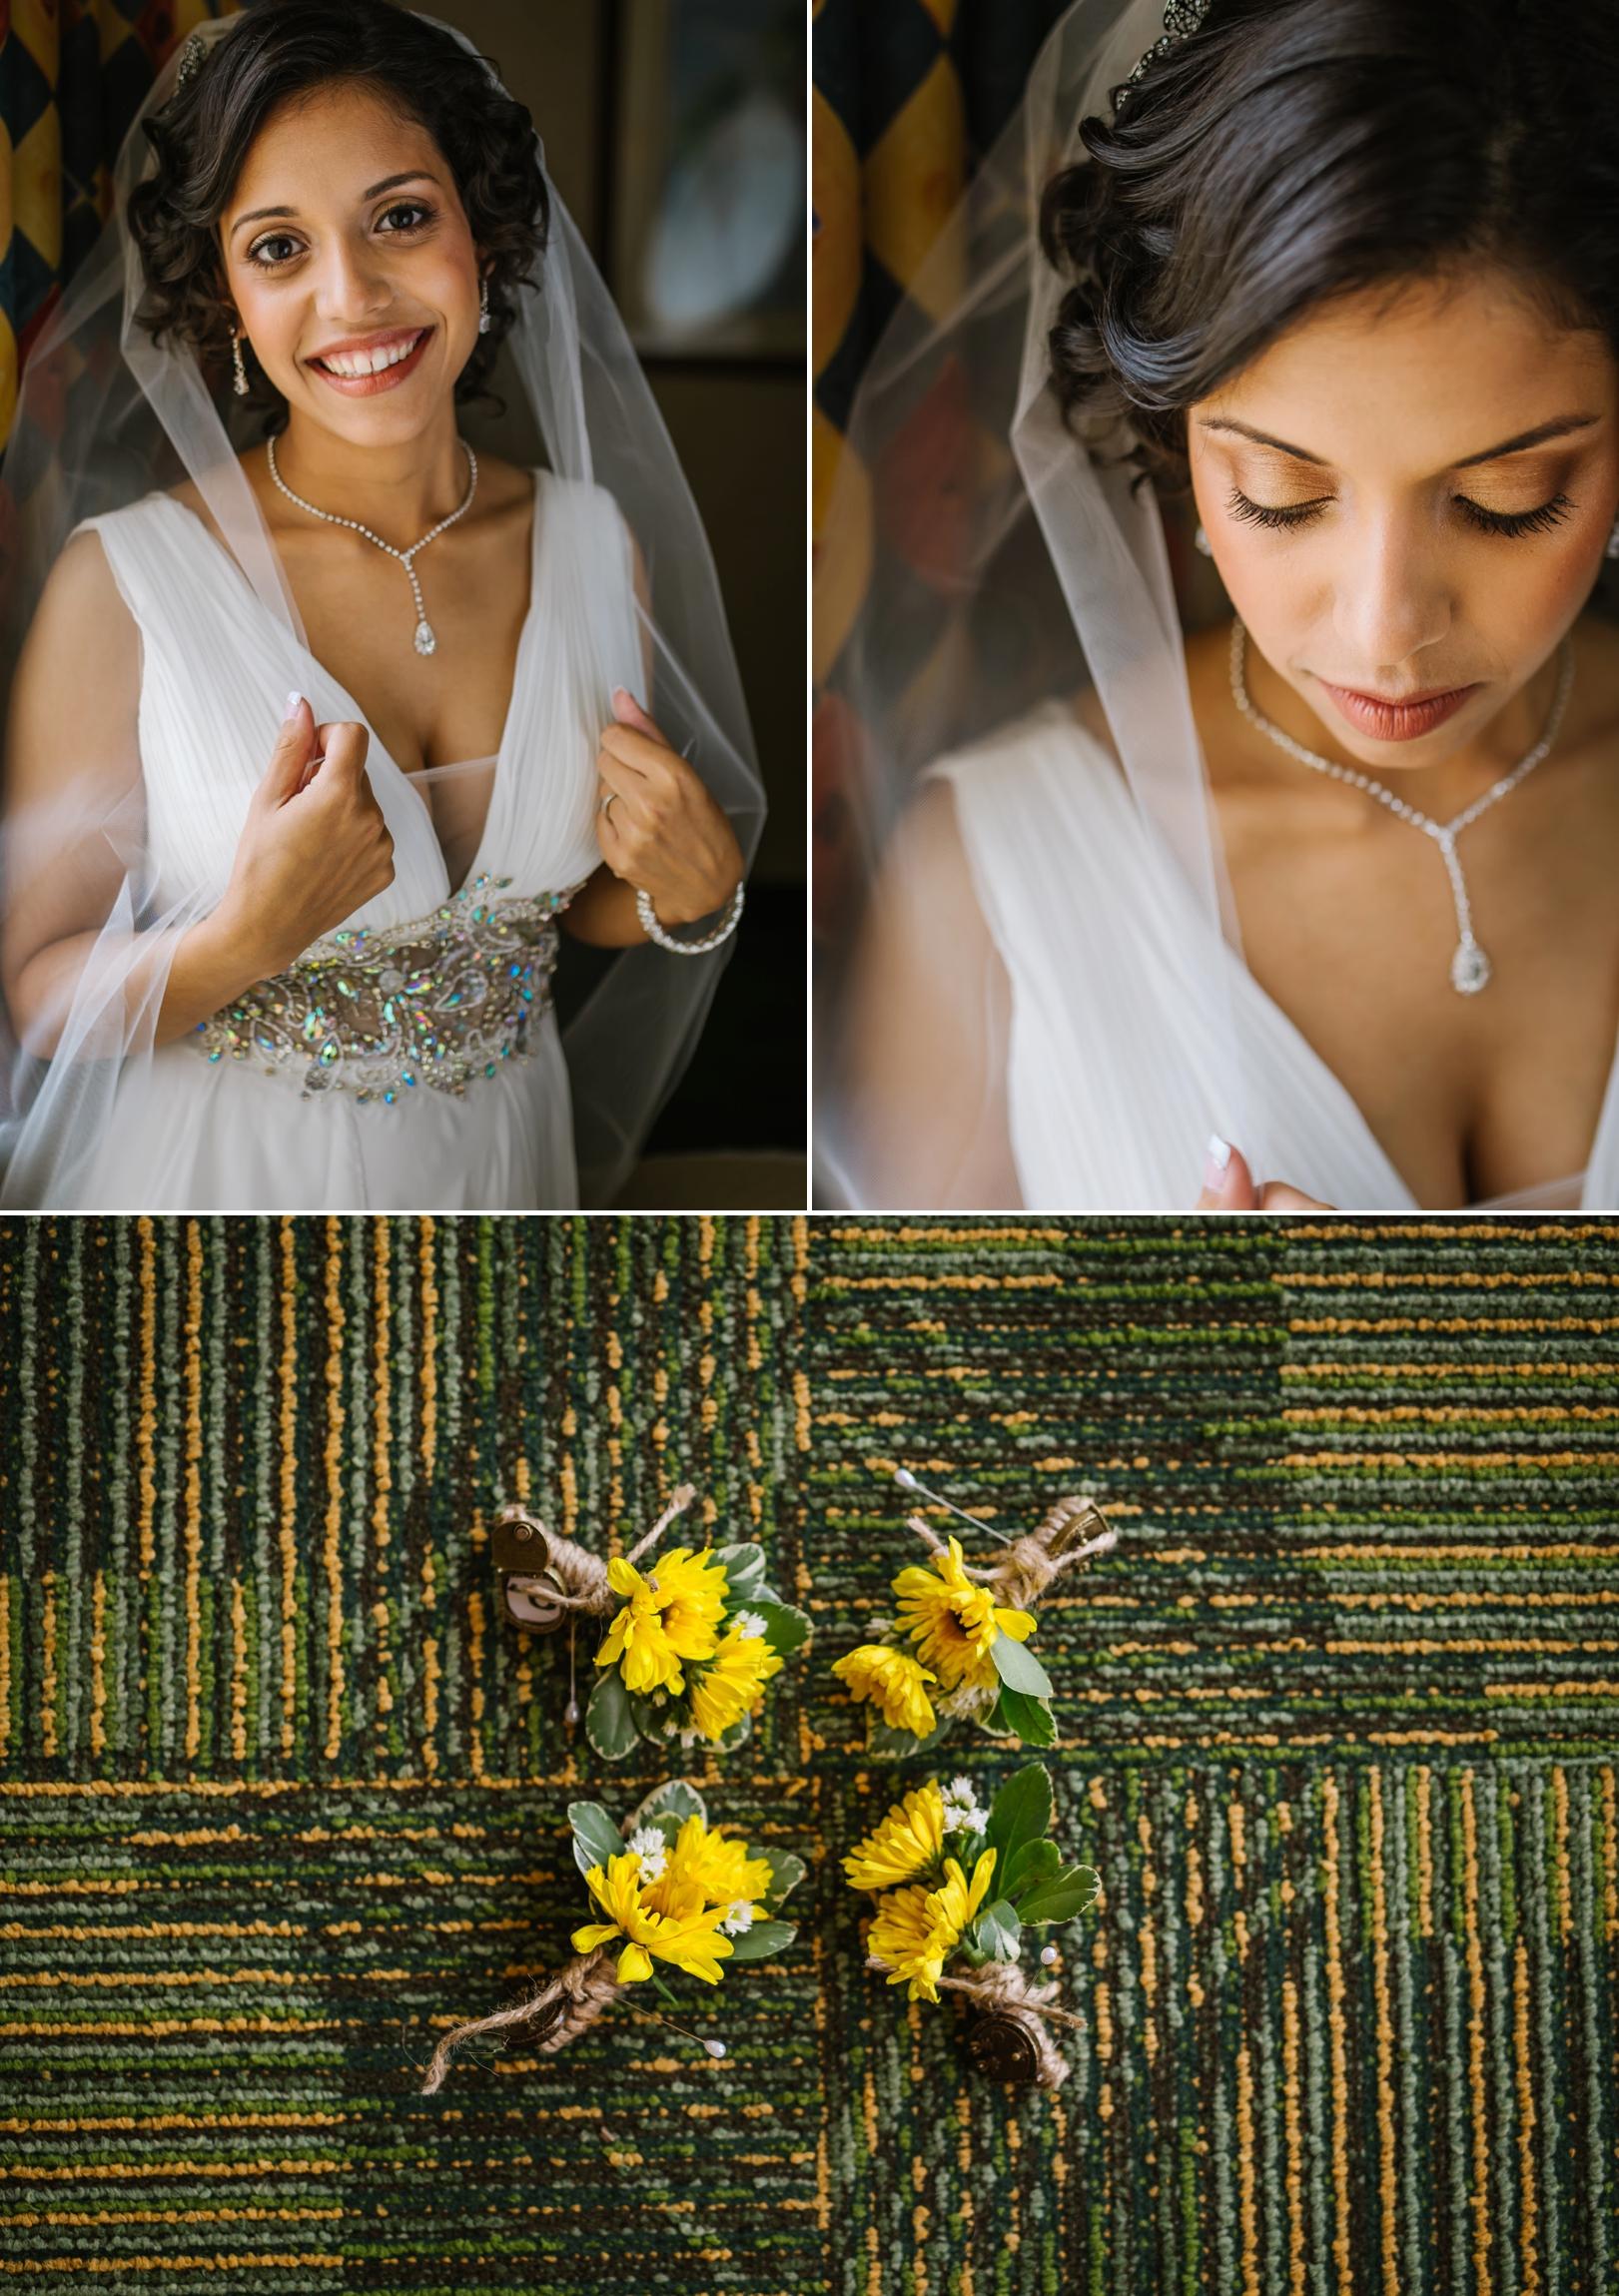 tampa-wedding-photographer-ashlee-hamon-usf_0003.jpg